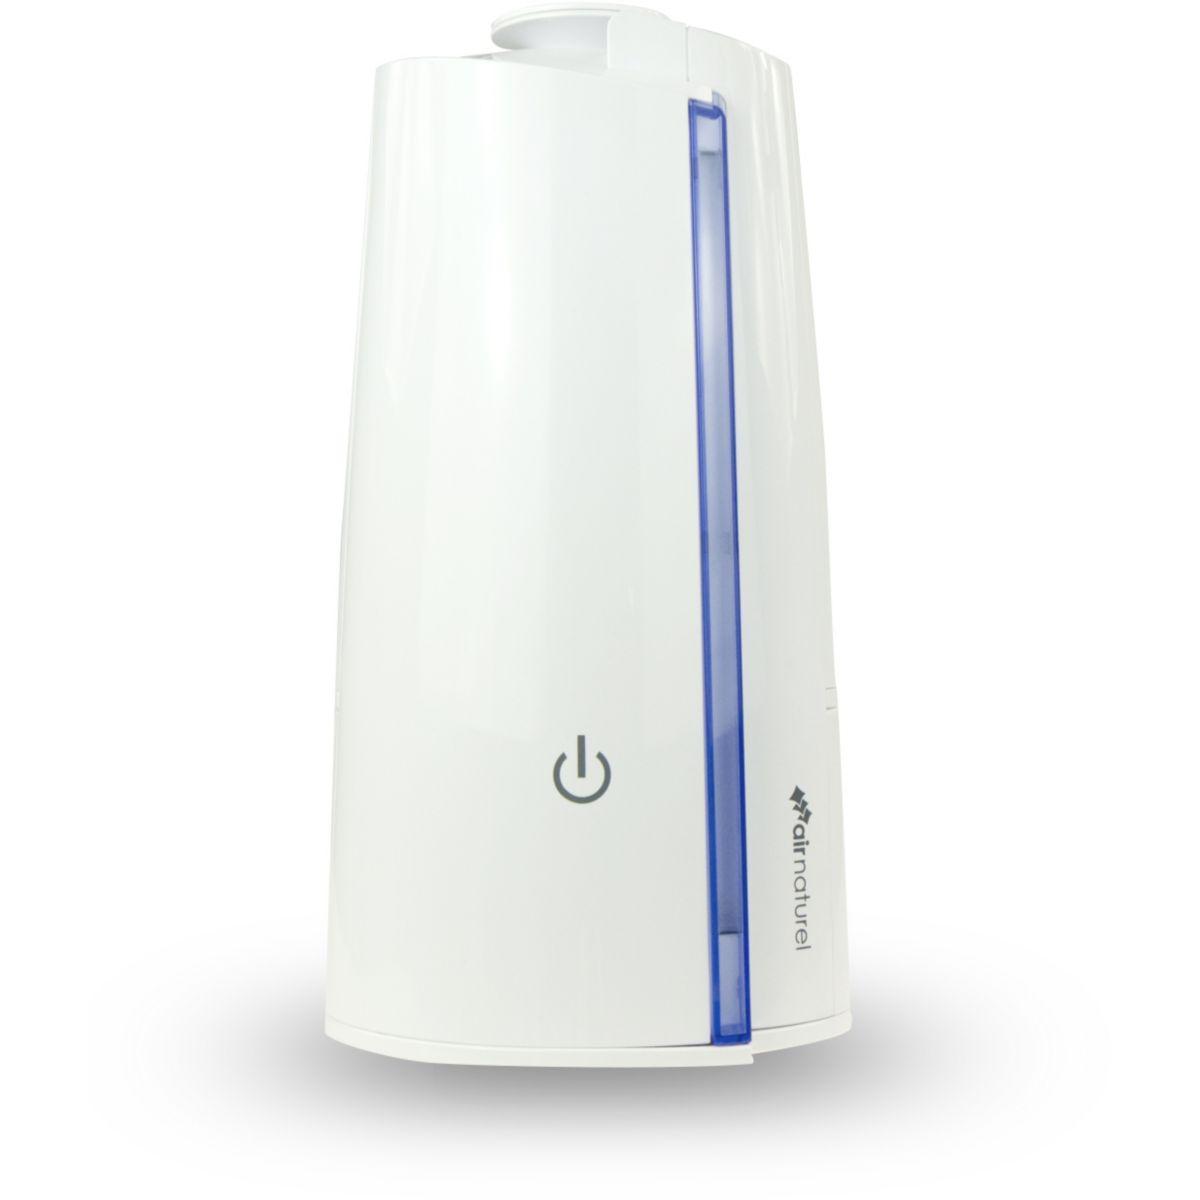 Humidificateur air naturel humi0003 - 2% de remise imm�diate avec le code : school2 (photo)